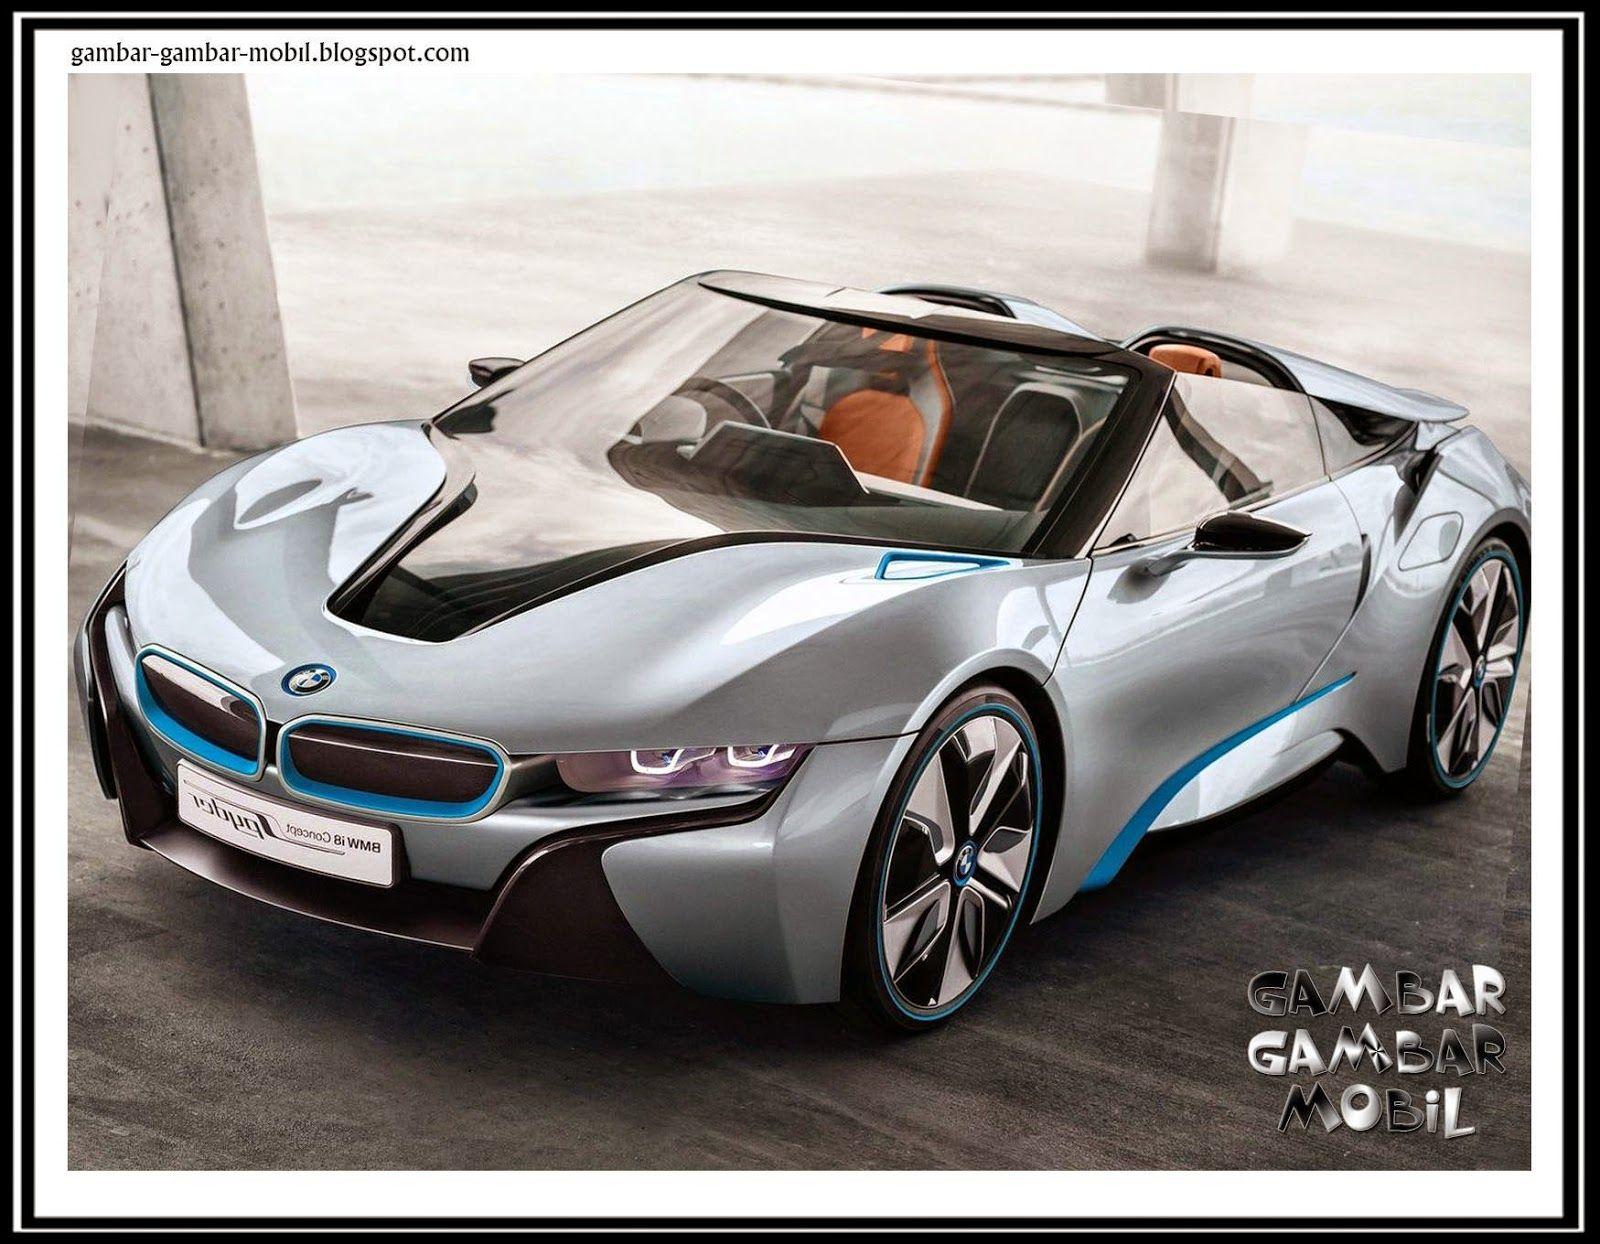 Gambar Mobil Terbaru Gambar Gambar Mobil Bmw I8 Mobil Bmw Mobil Baru